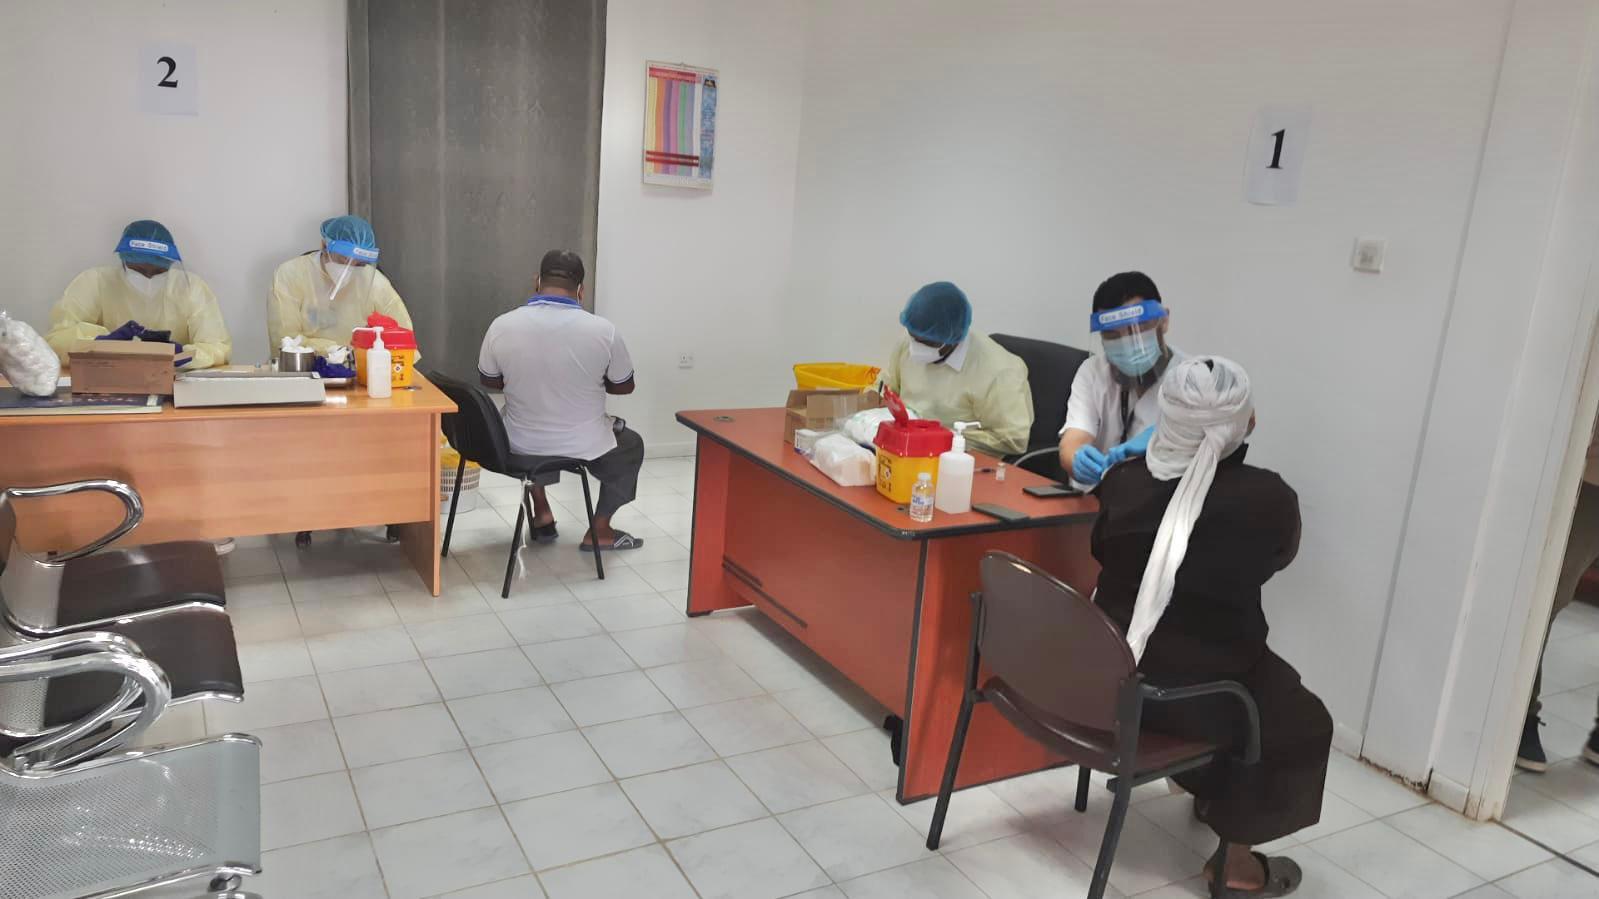 ٢٠٢١٠٧٢١ ١٥٥٦٤٤ - #الصحة: بدء تطعيم العاملين في مزارع العبدلي والوفرة عبر جهود حملة التطعيمات الميدانية على فترتين صباحية ومسائية اليوم.   #العبدلي_نيوز